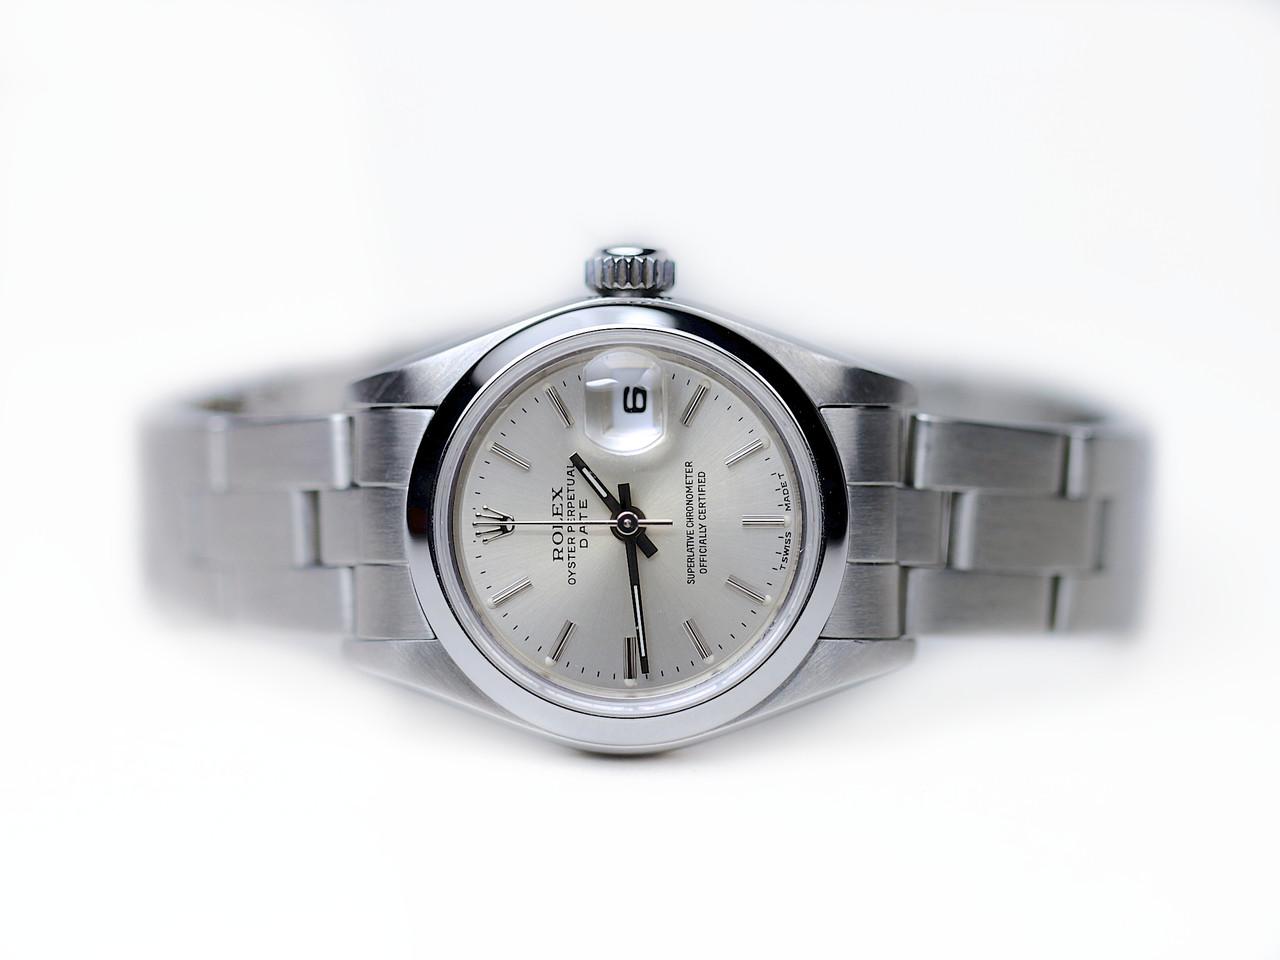 Rolex Watch - Date Ladies Steel R69160A10B7834 - www.Legendoftime.com Chicago Watch Center